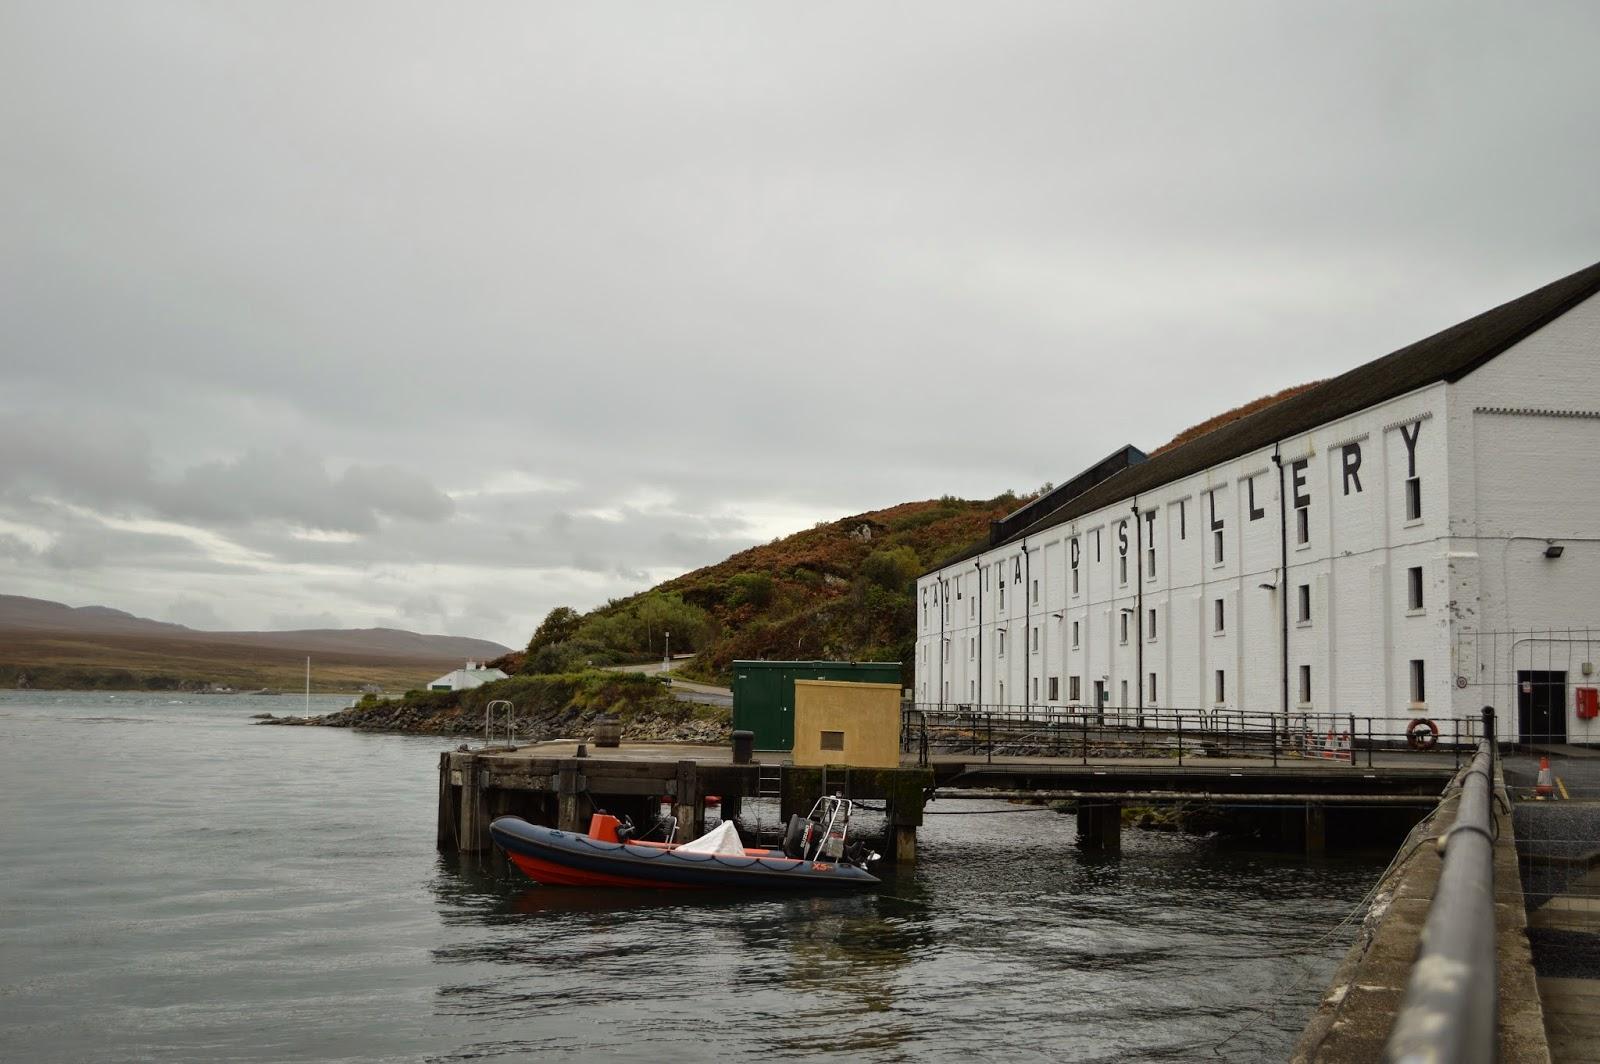 Caol Ila, Isle of Islay, Scotland